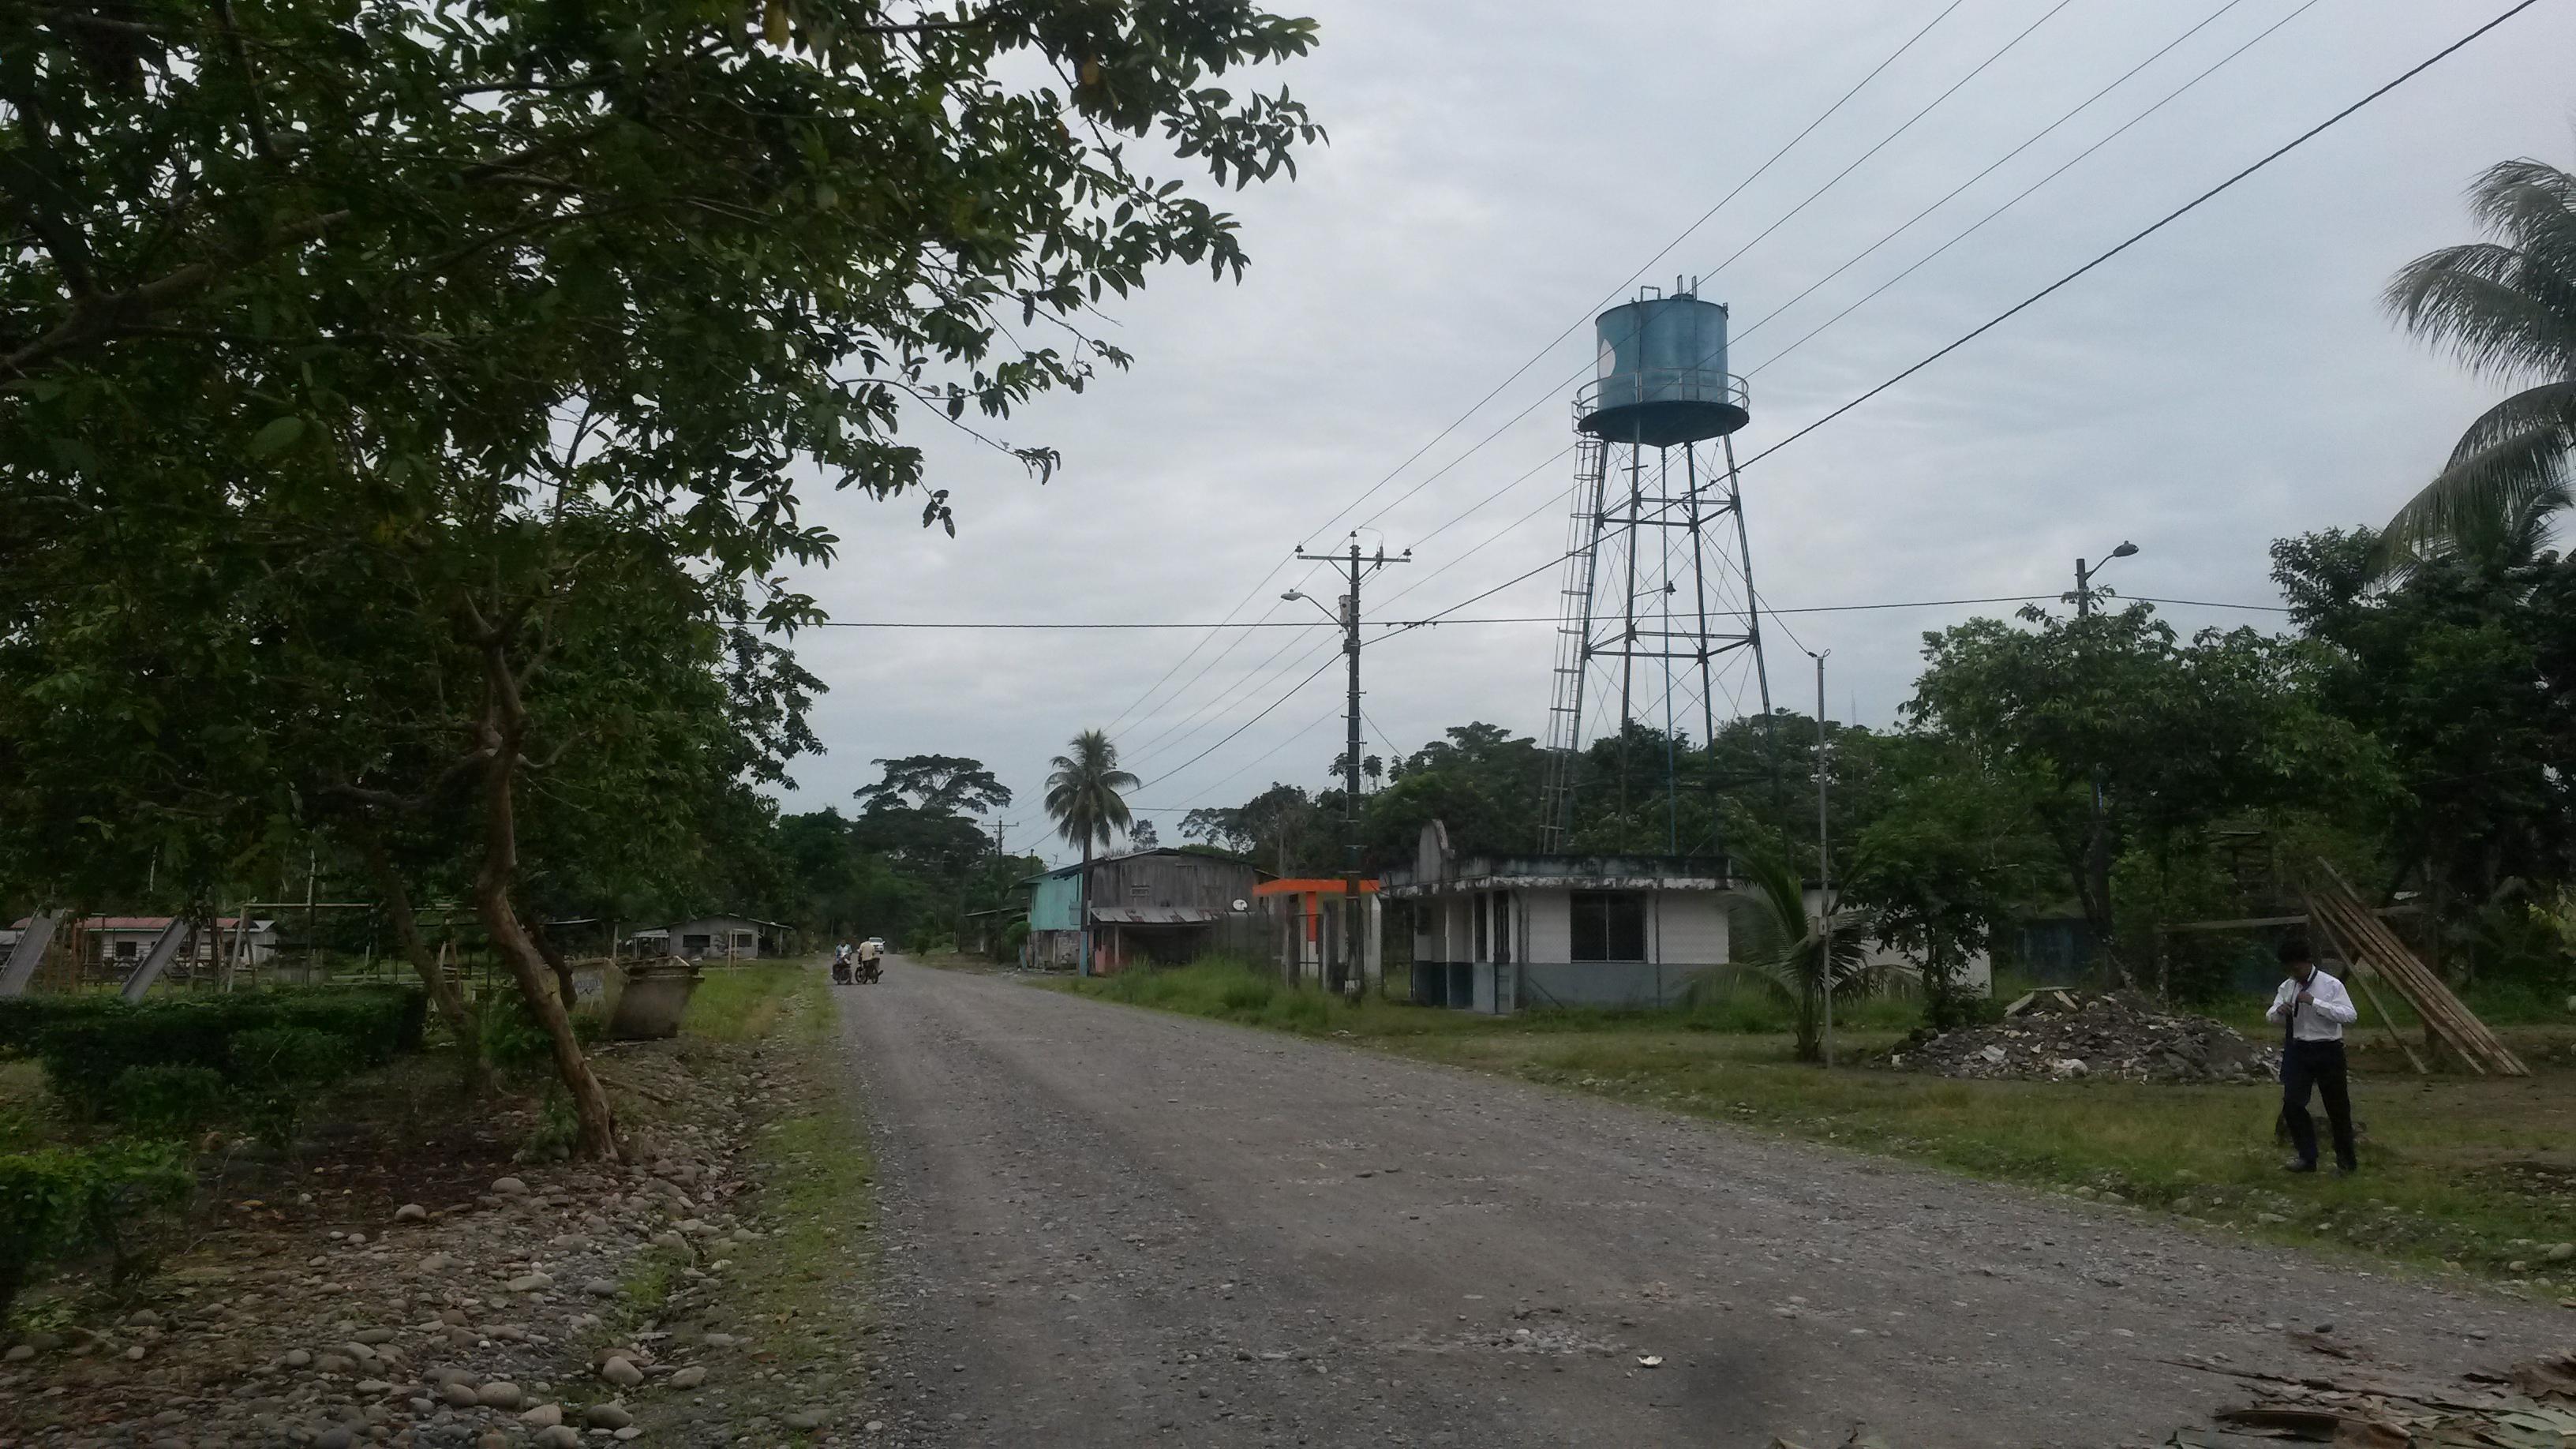 Tanque de Agua Comunitario